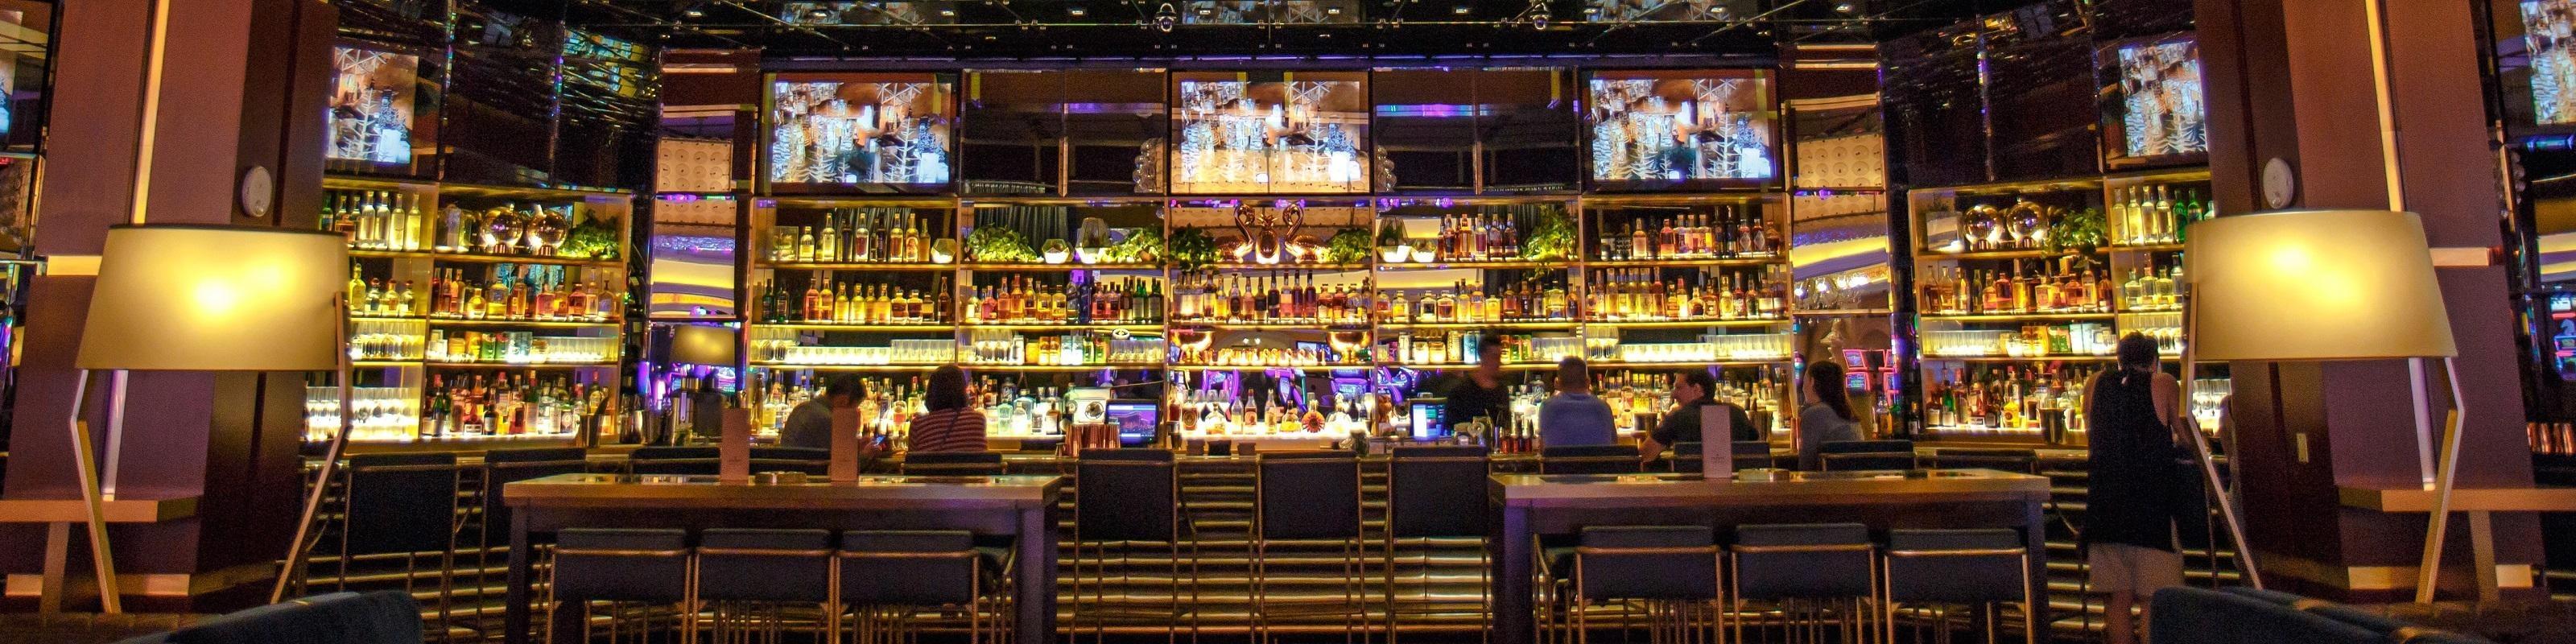 The Dorsey Bar at the Venetian Resort in Las Vegas